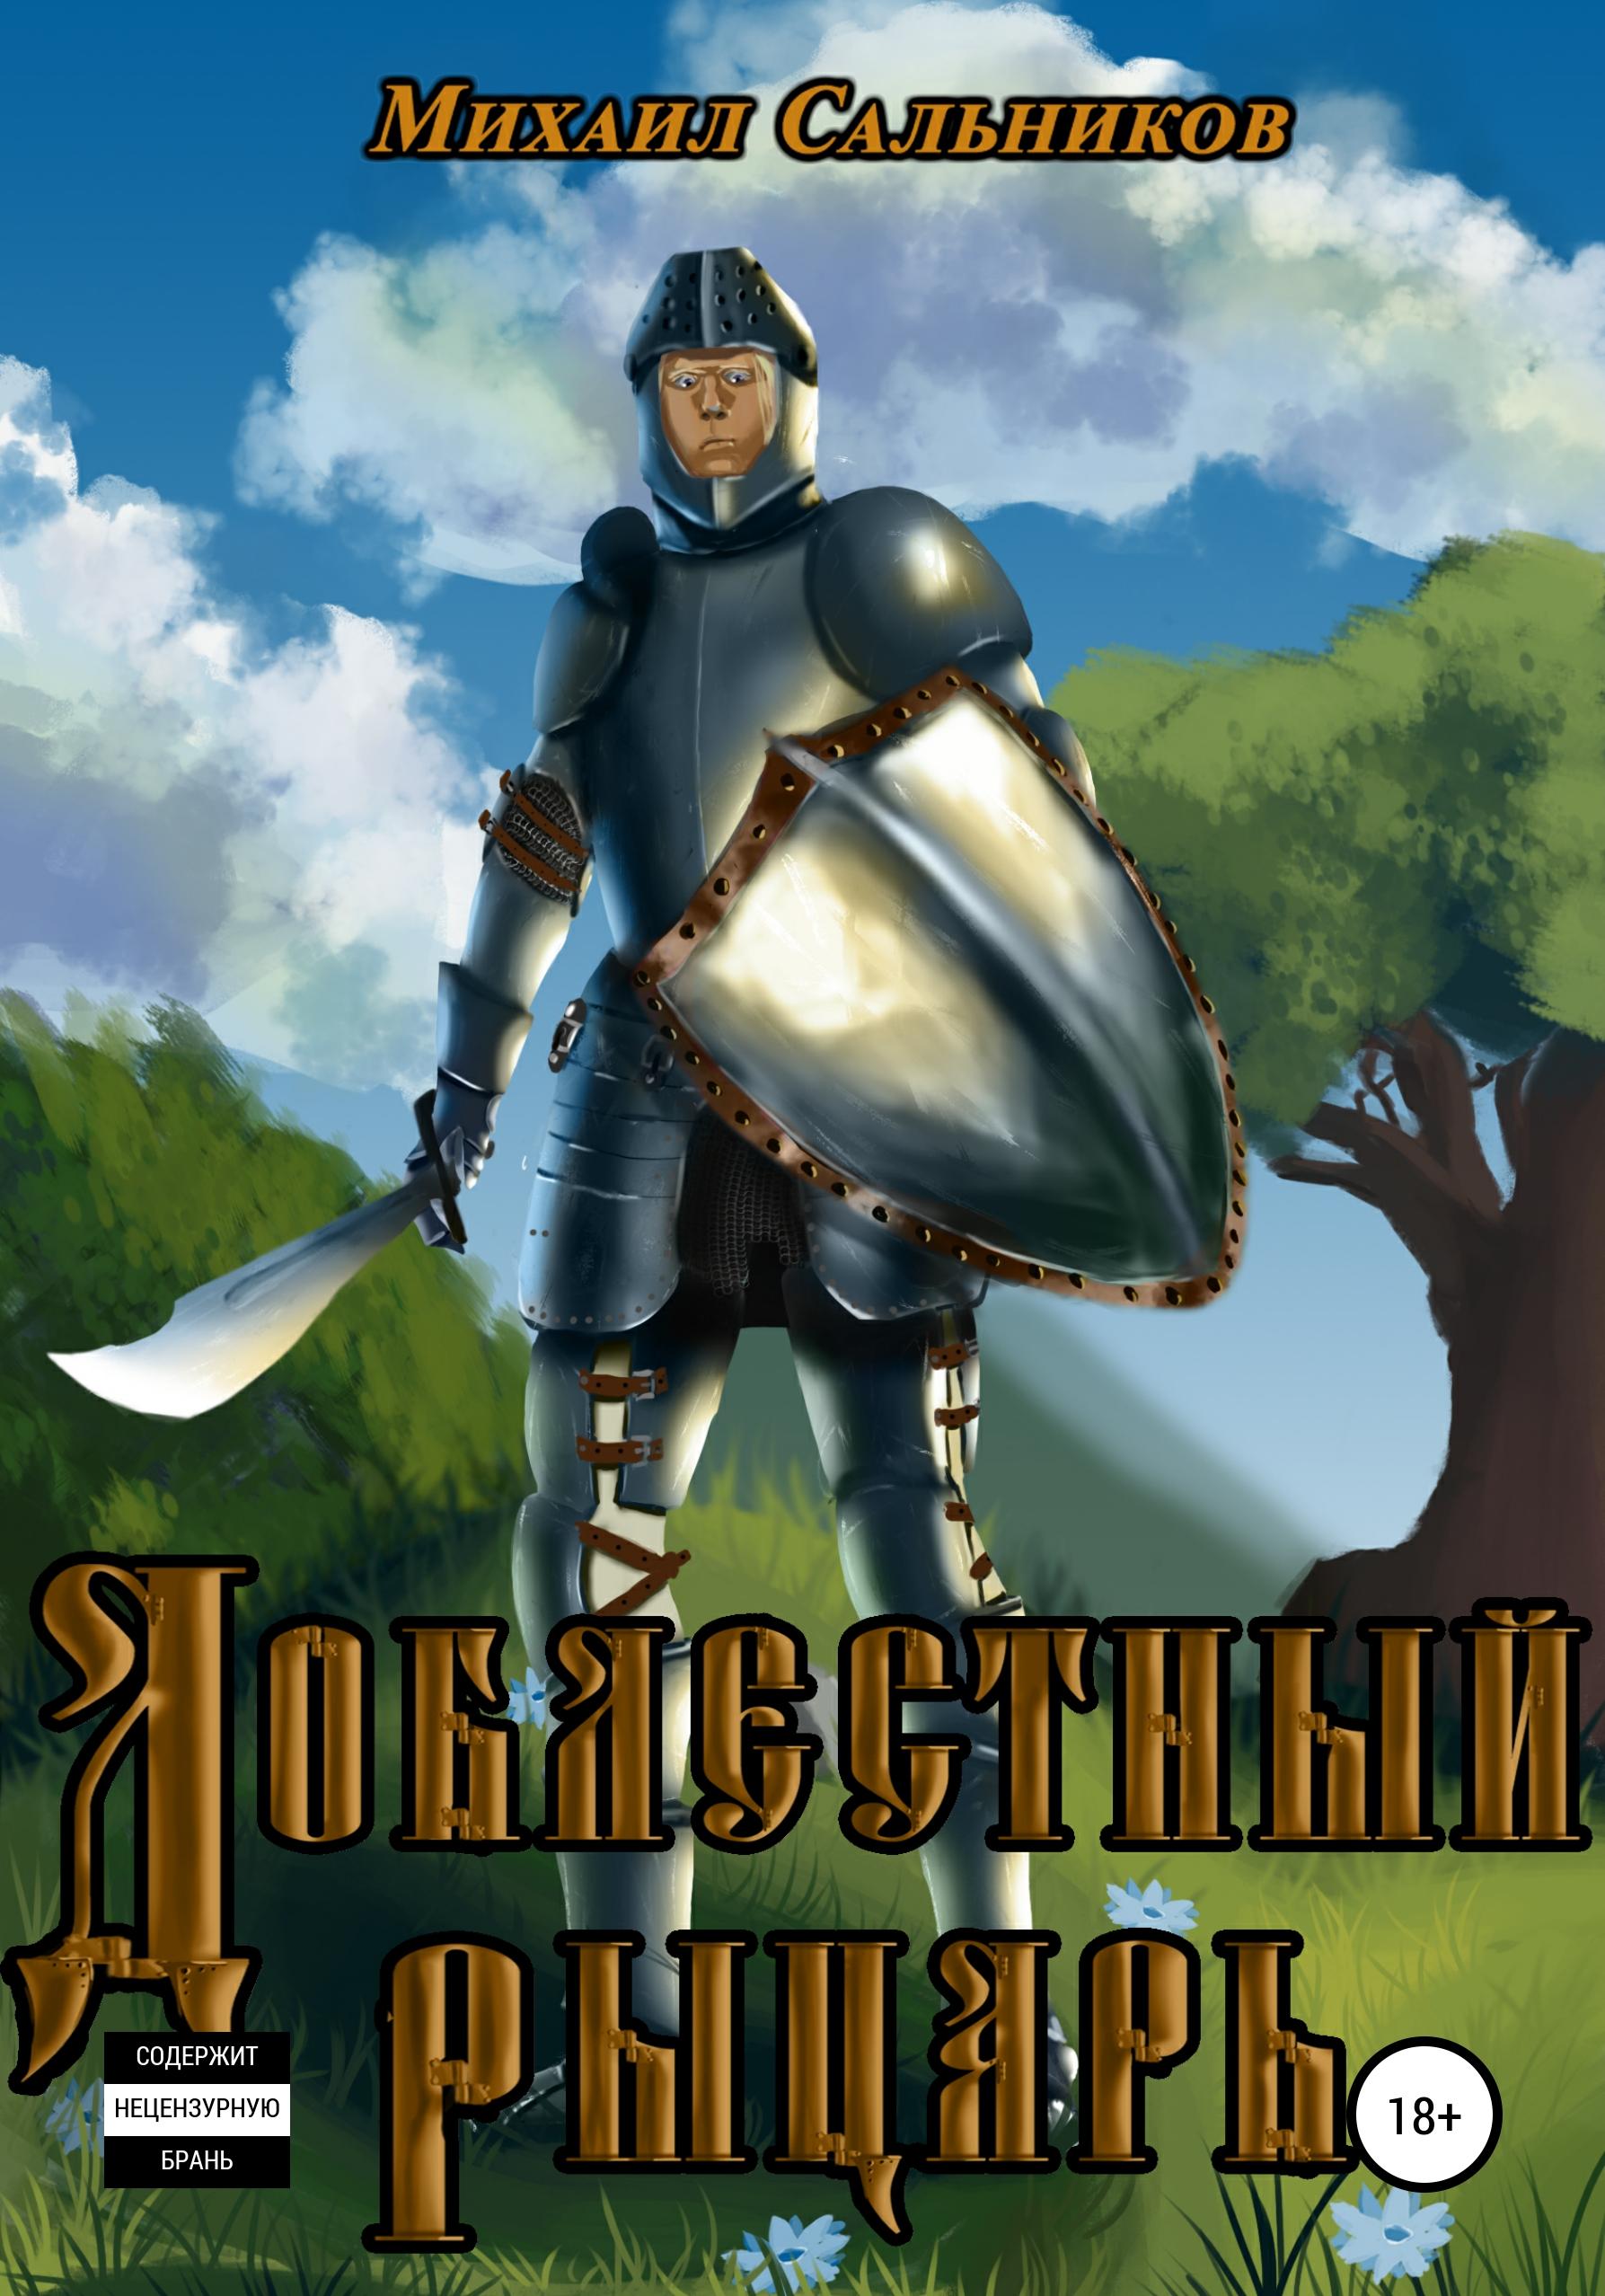 Доблестный рыцарь